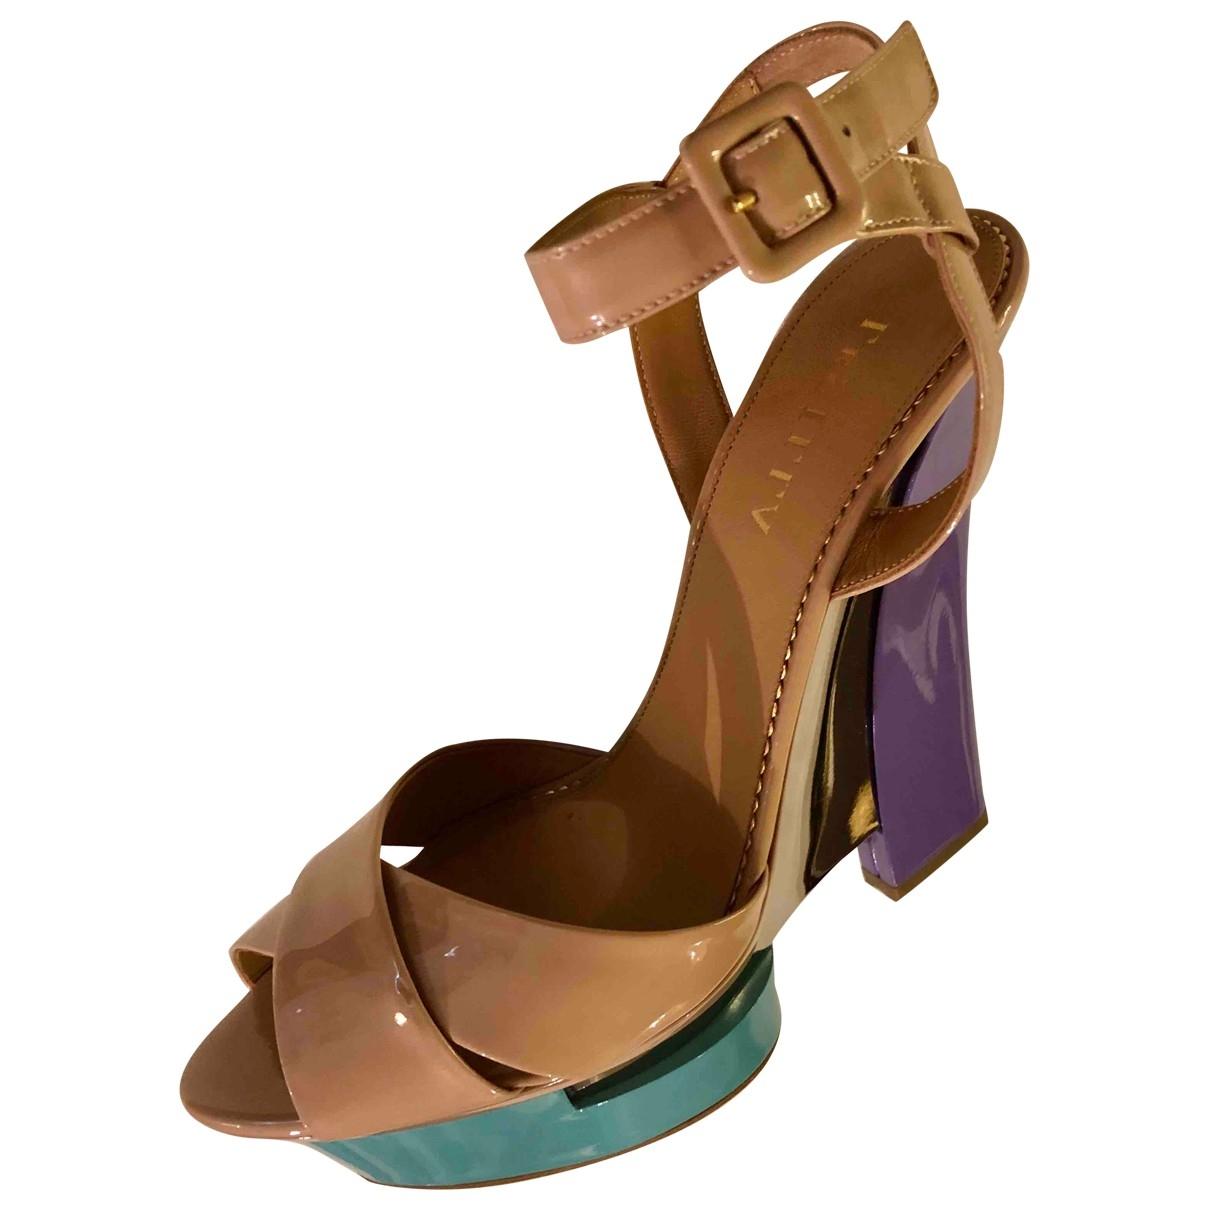 Le Silla - Sandales   pour femme en cuir verni - beige